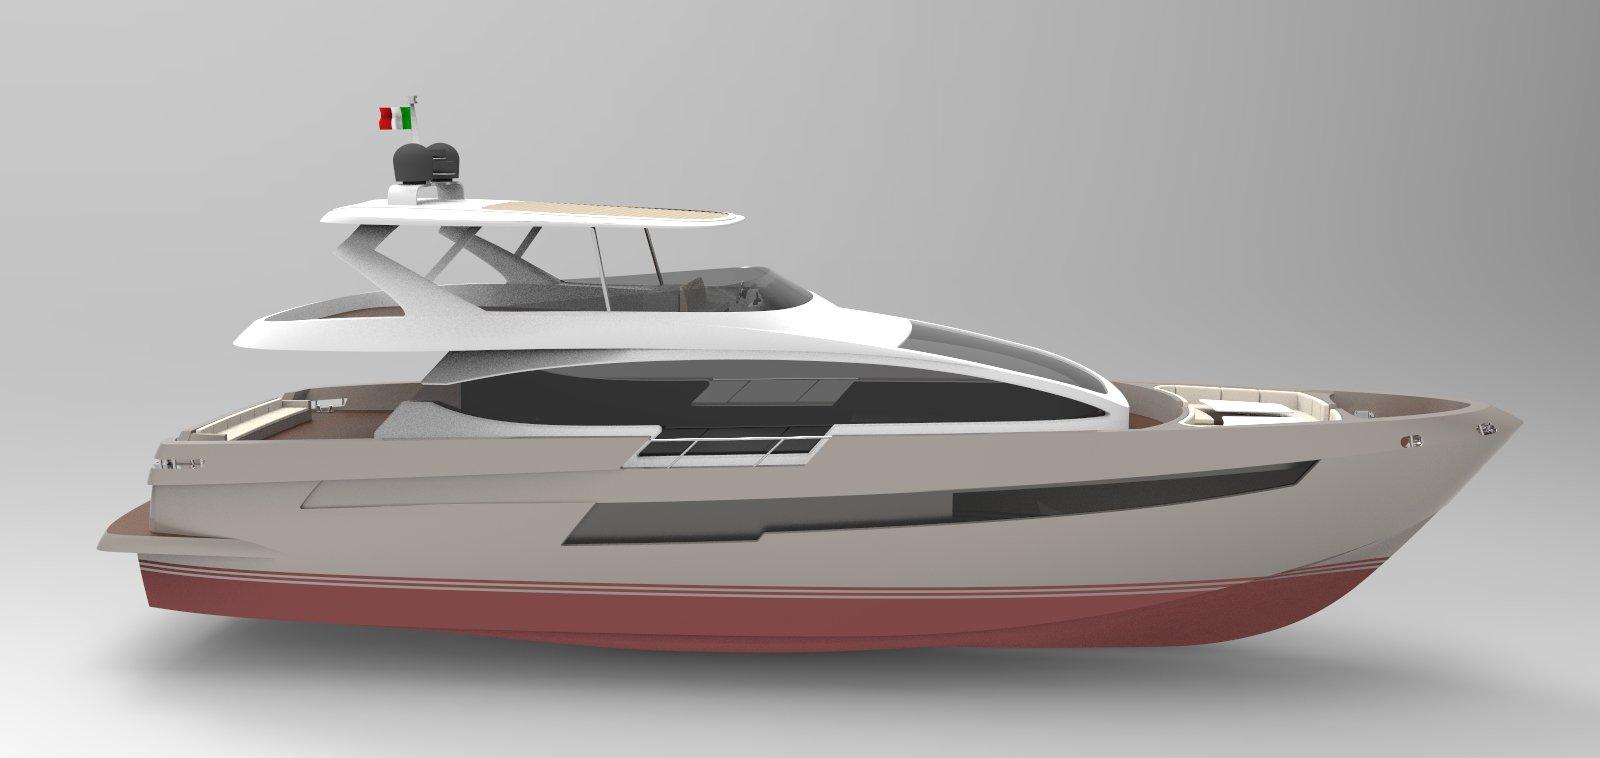 Barca con striscia rossa